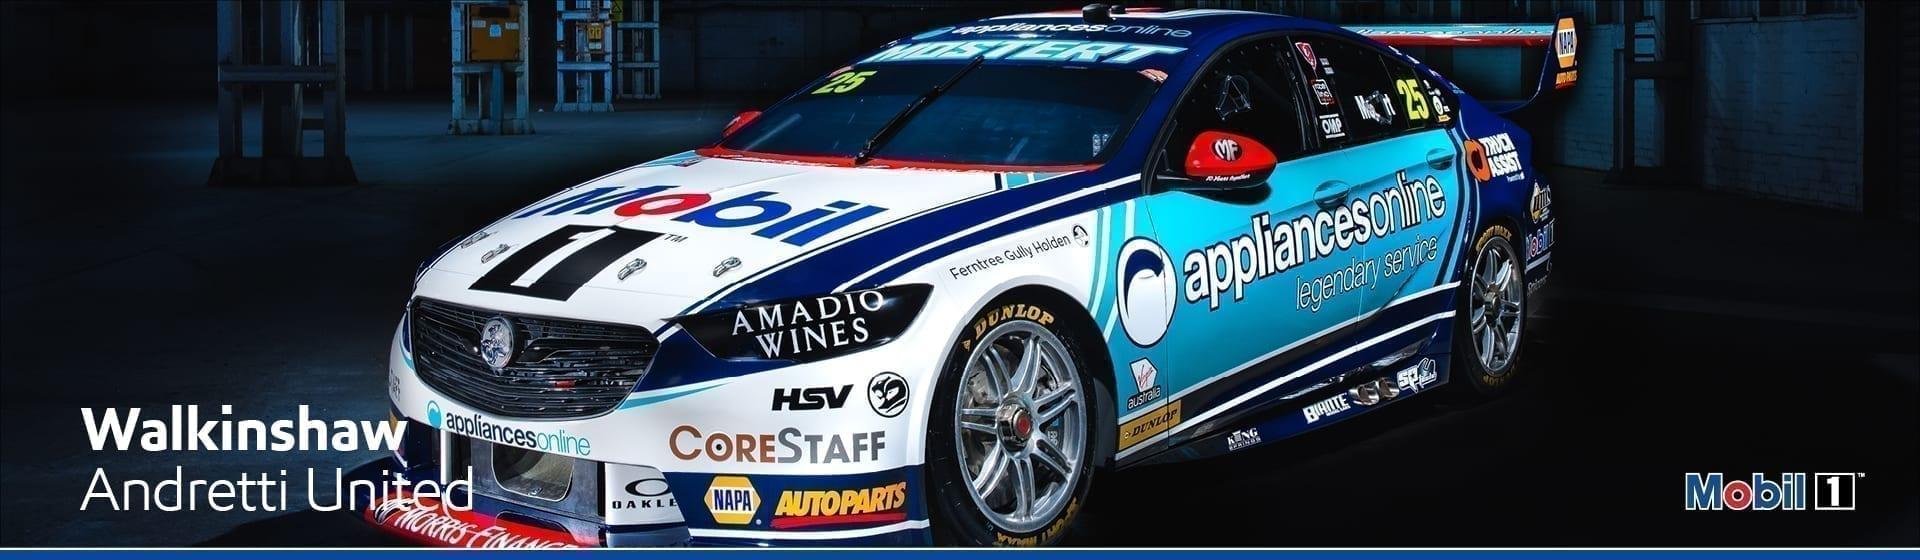 M1 - Web_Heroes-2020_Motorsport-WAU